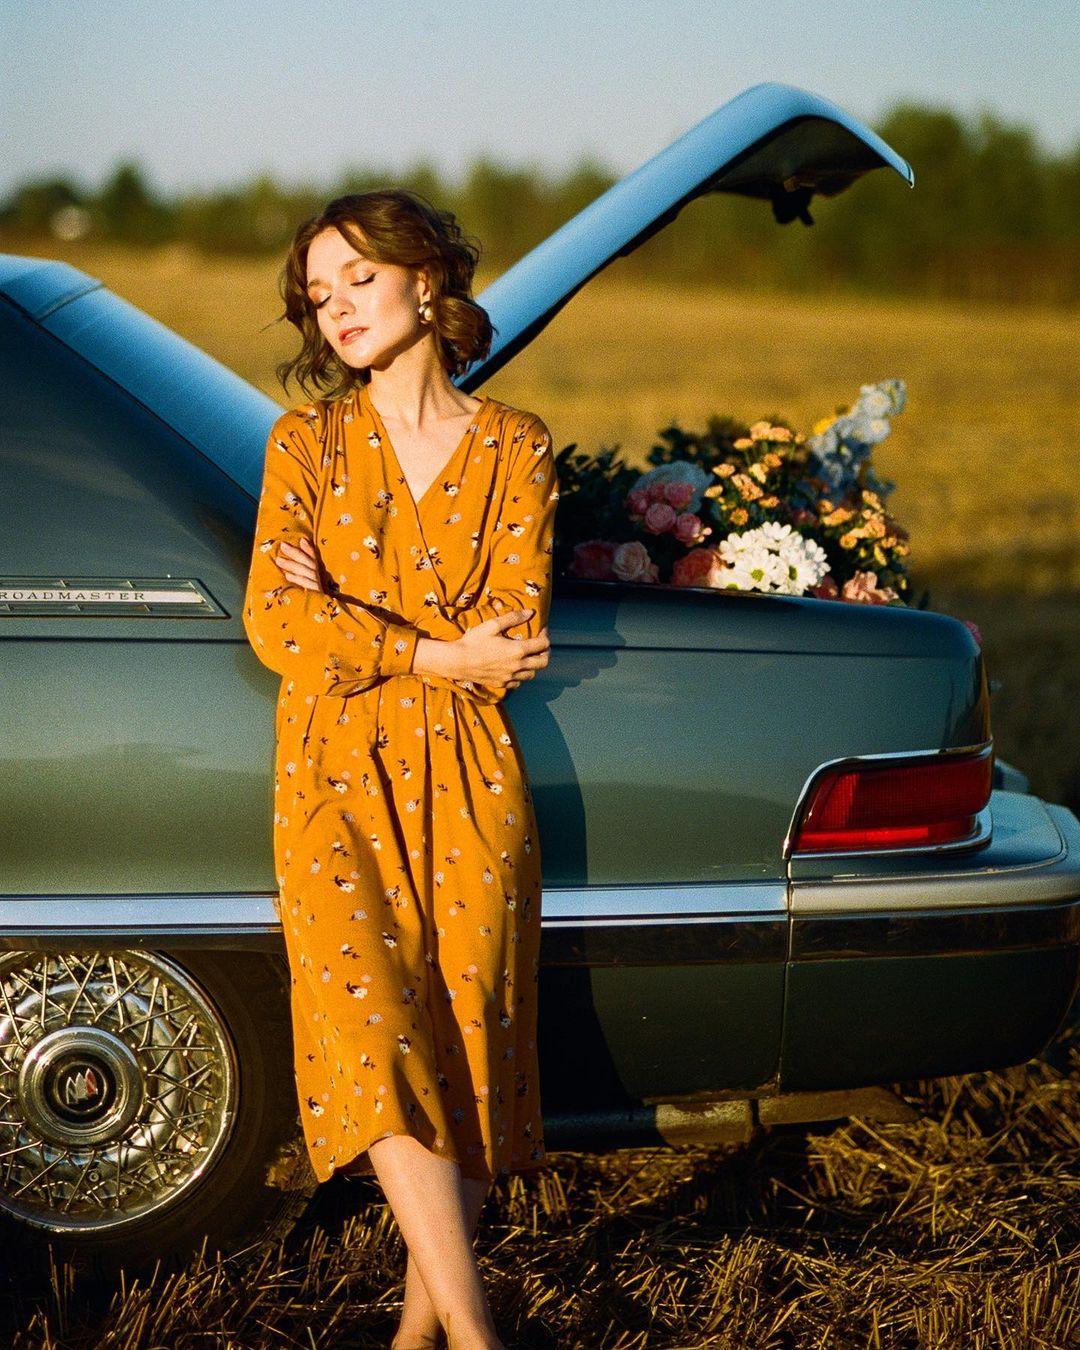 4 tips mặc đẹp tôn dáng từ cô nàng người Nga cao 1m50: Chỉ cần vài món chủ chốt là đủ cân hết các style - Ảnh 10